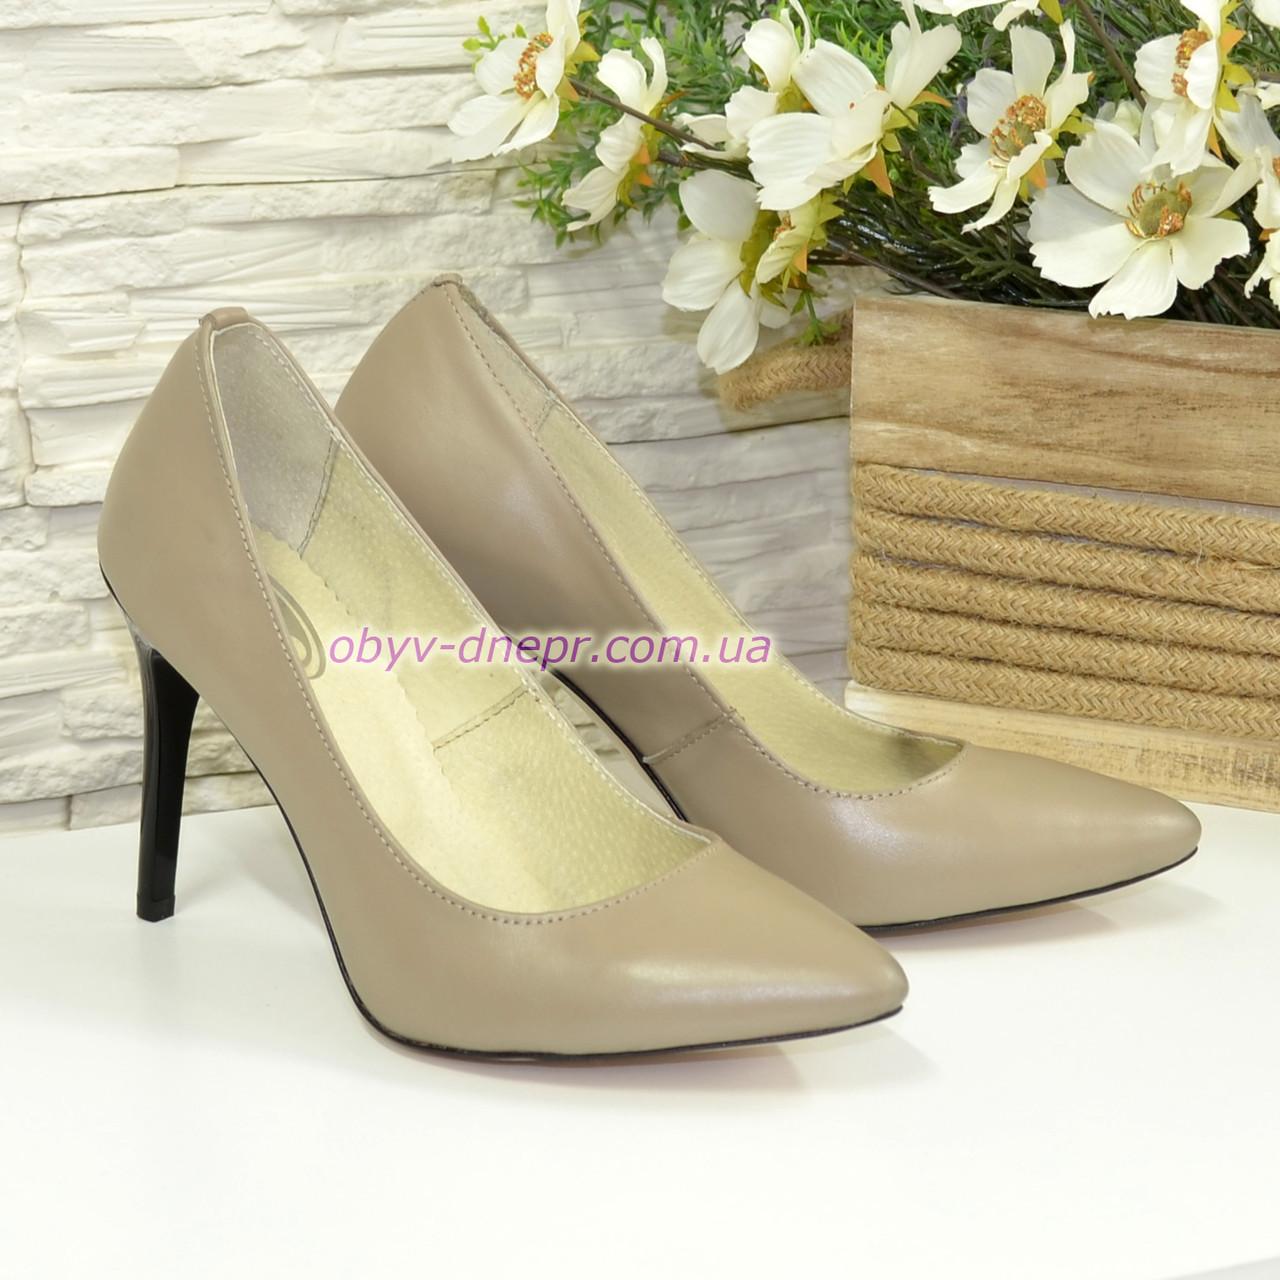 Туфли женские кожаные на шпильке, цвет визон